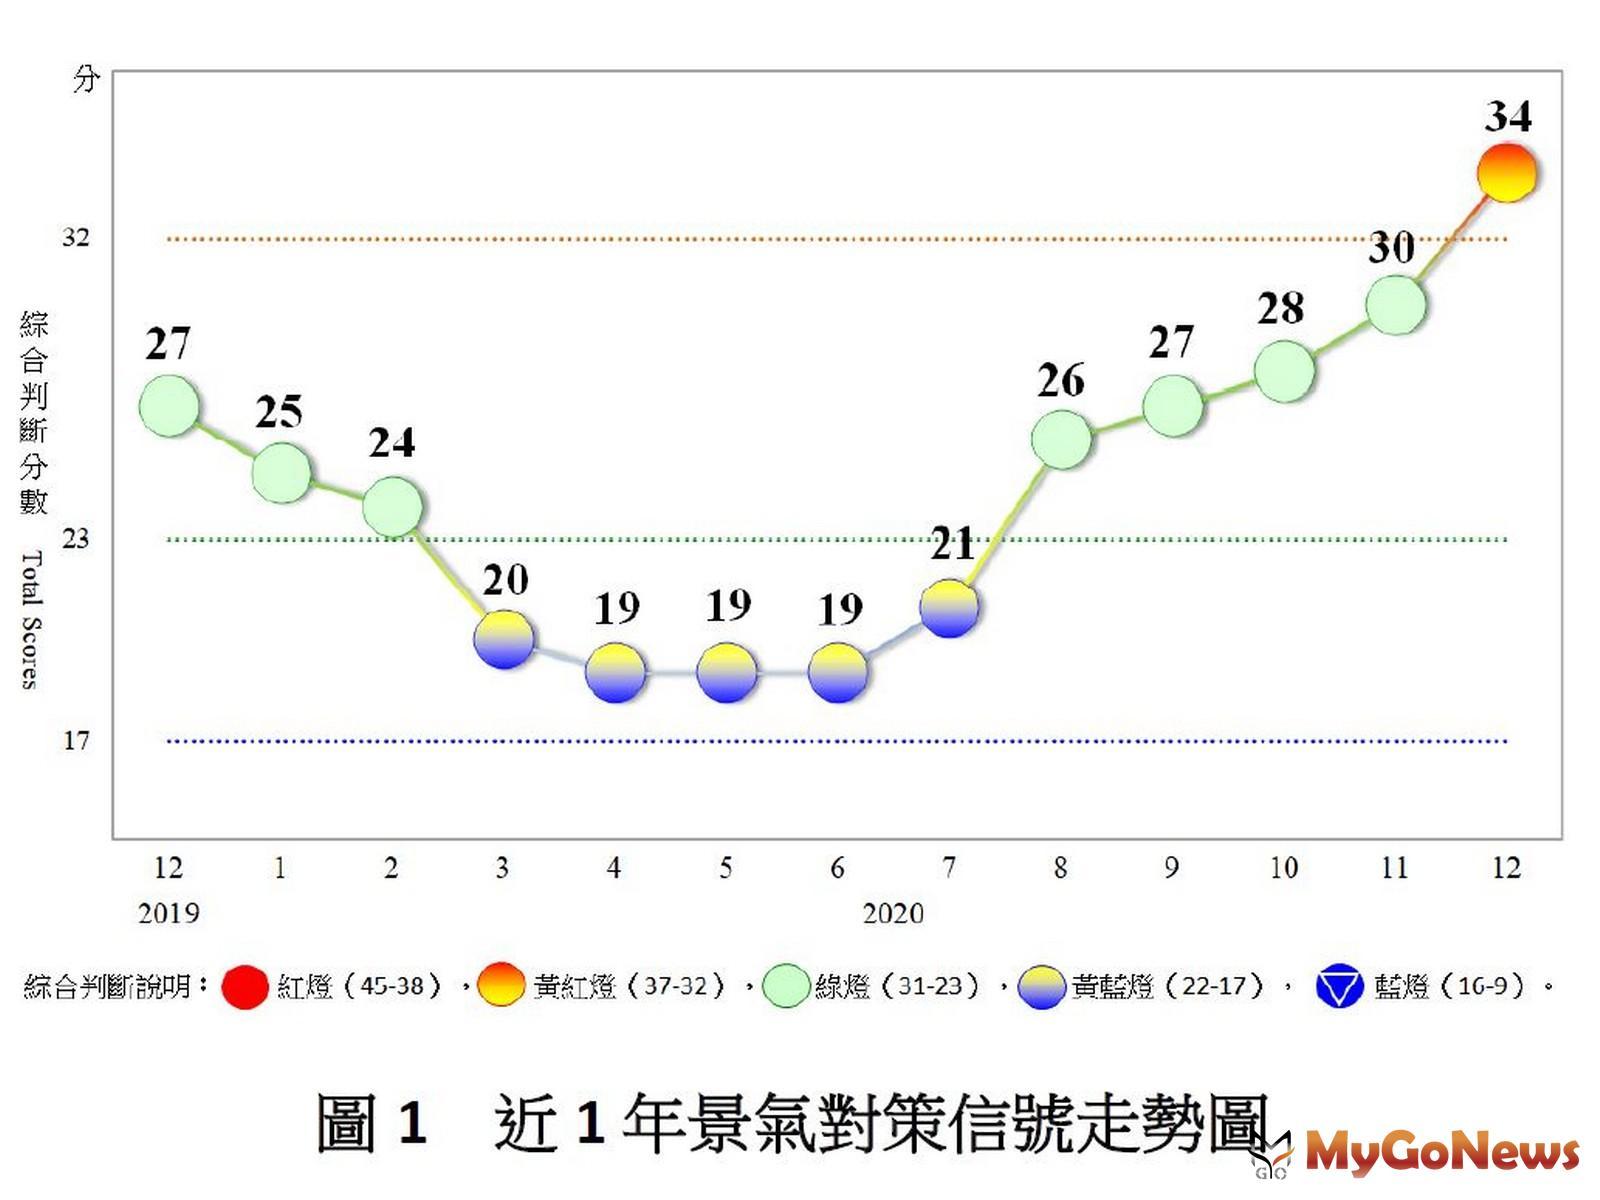 2020年12月景氣燈號轉呈黃紅燈,經濟增溫(圖/國發會) MyGoNews房地產新聞 趨勢報導